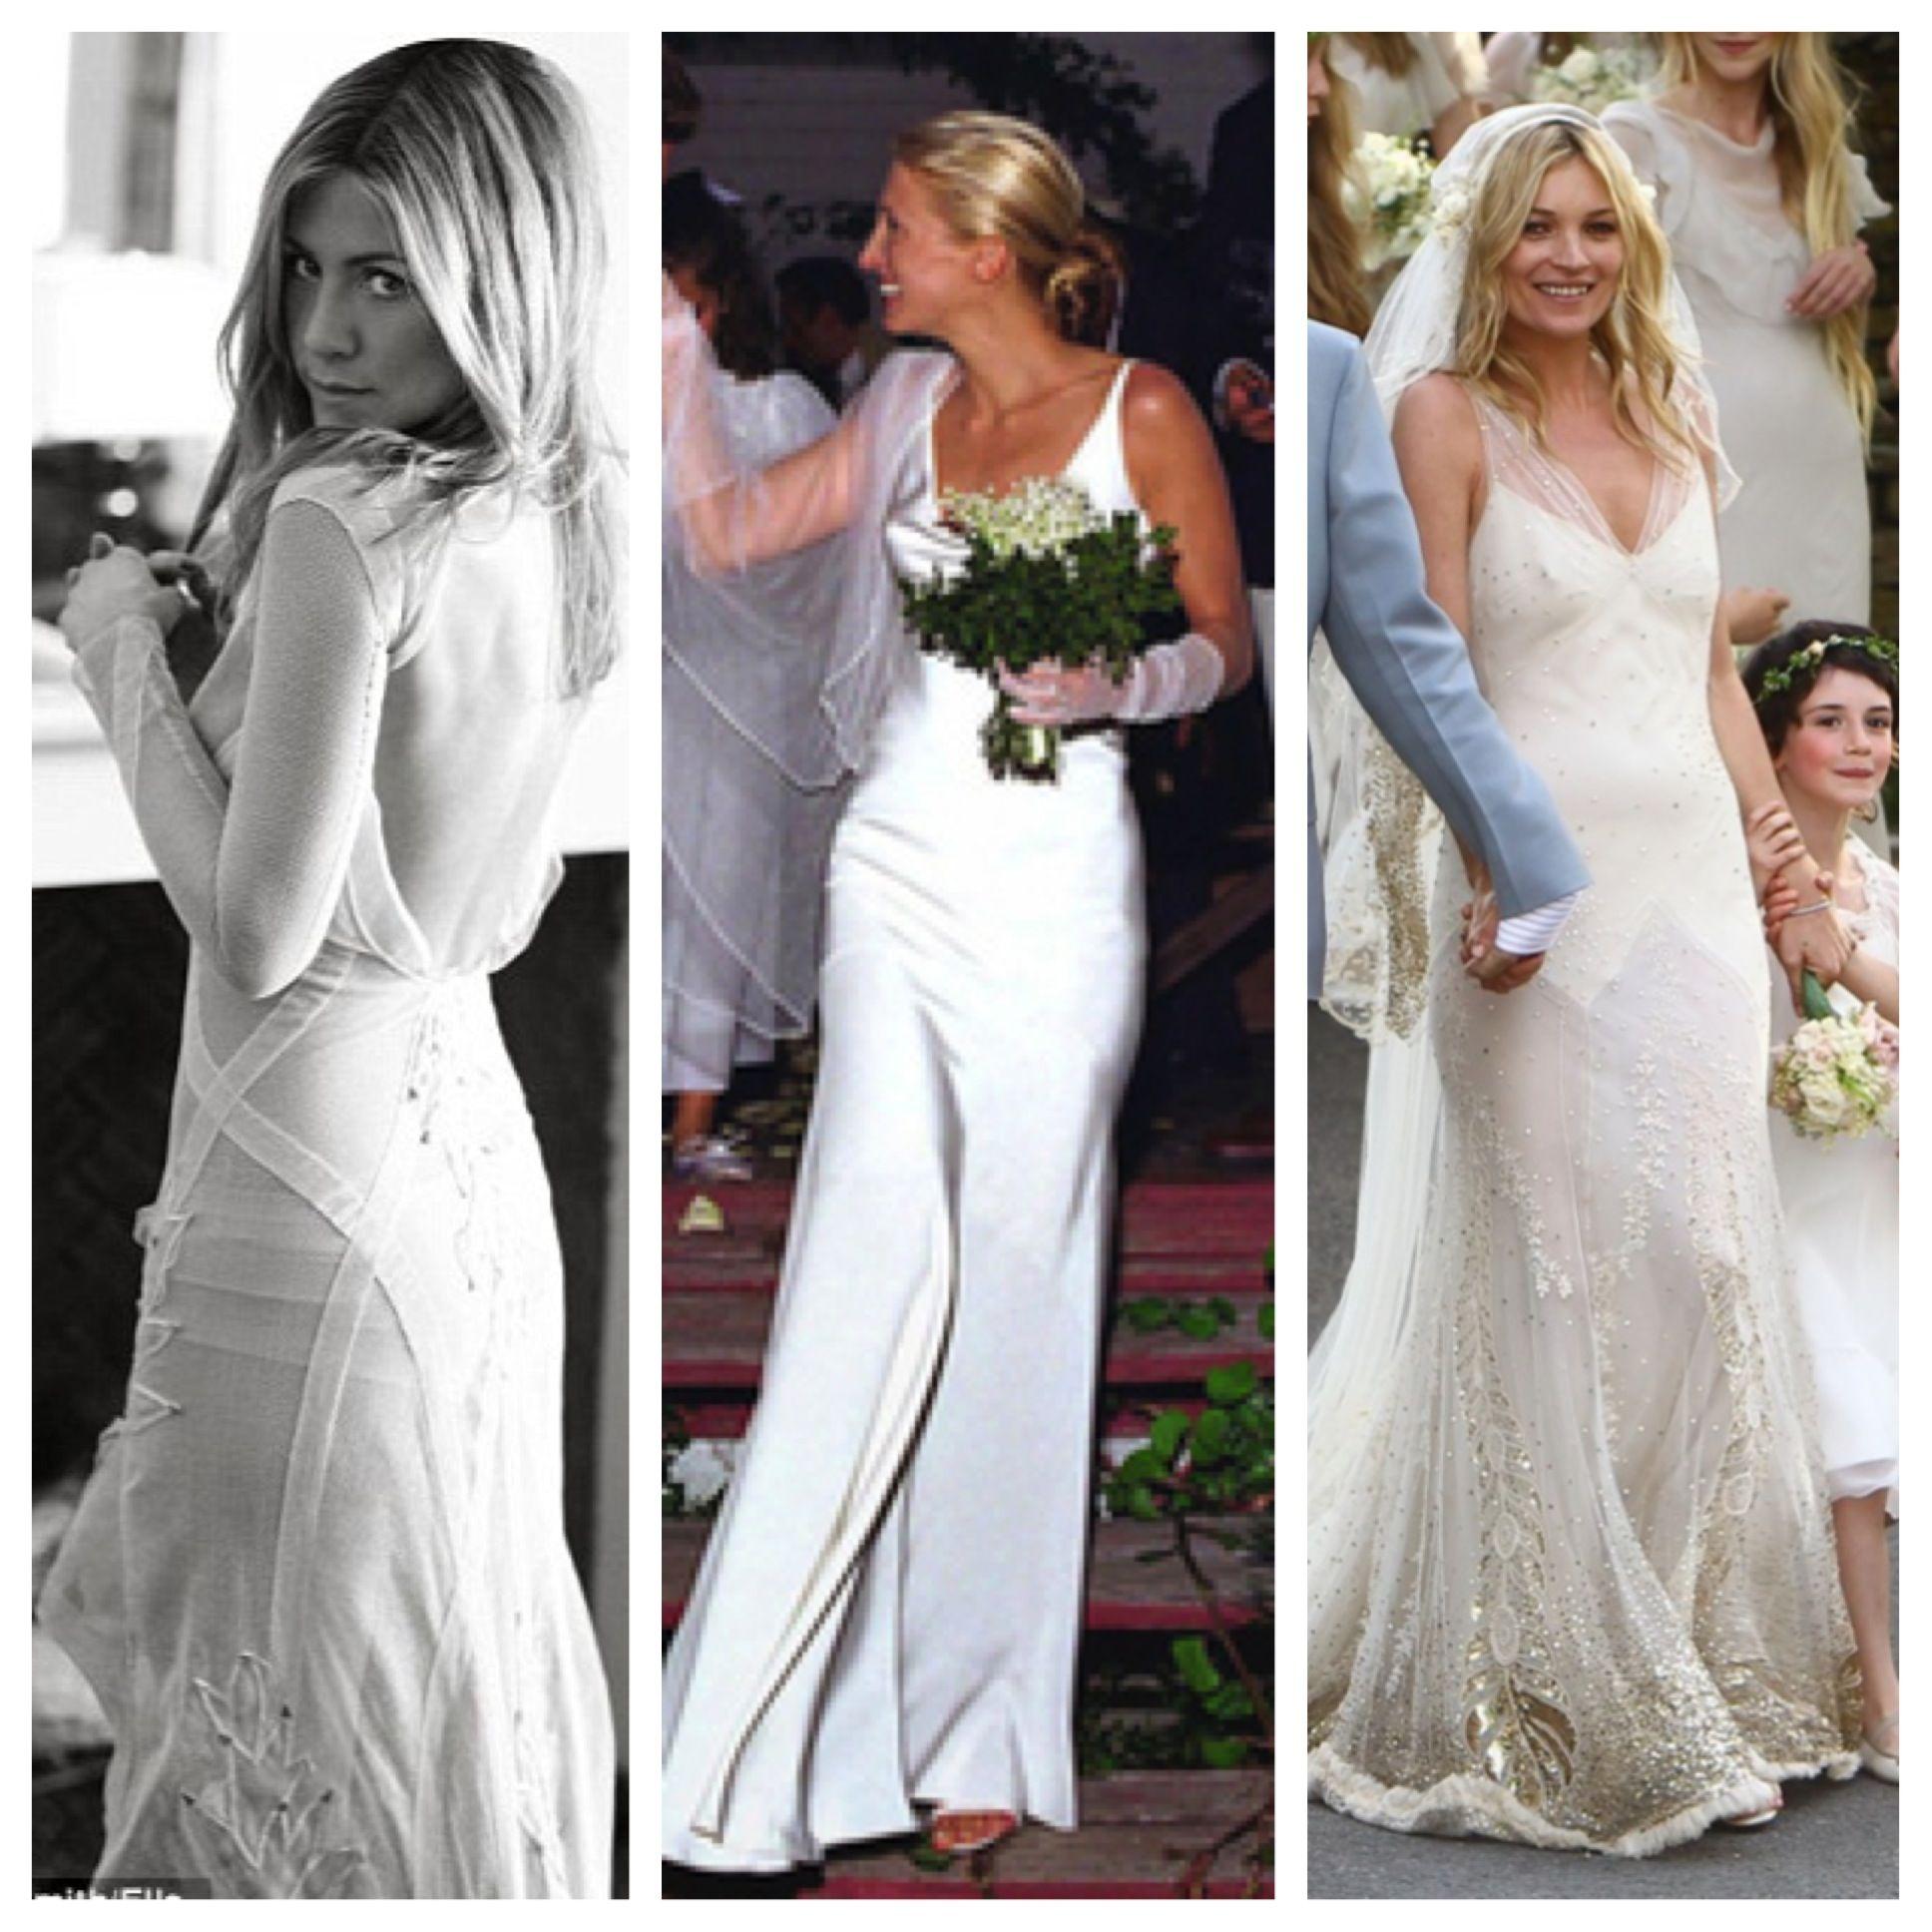 Carolyn Bessette Kennedy Wedding Dress In 2020 Timeless Wedding Gown Kennedy Wedding Dress Wedding Dresses